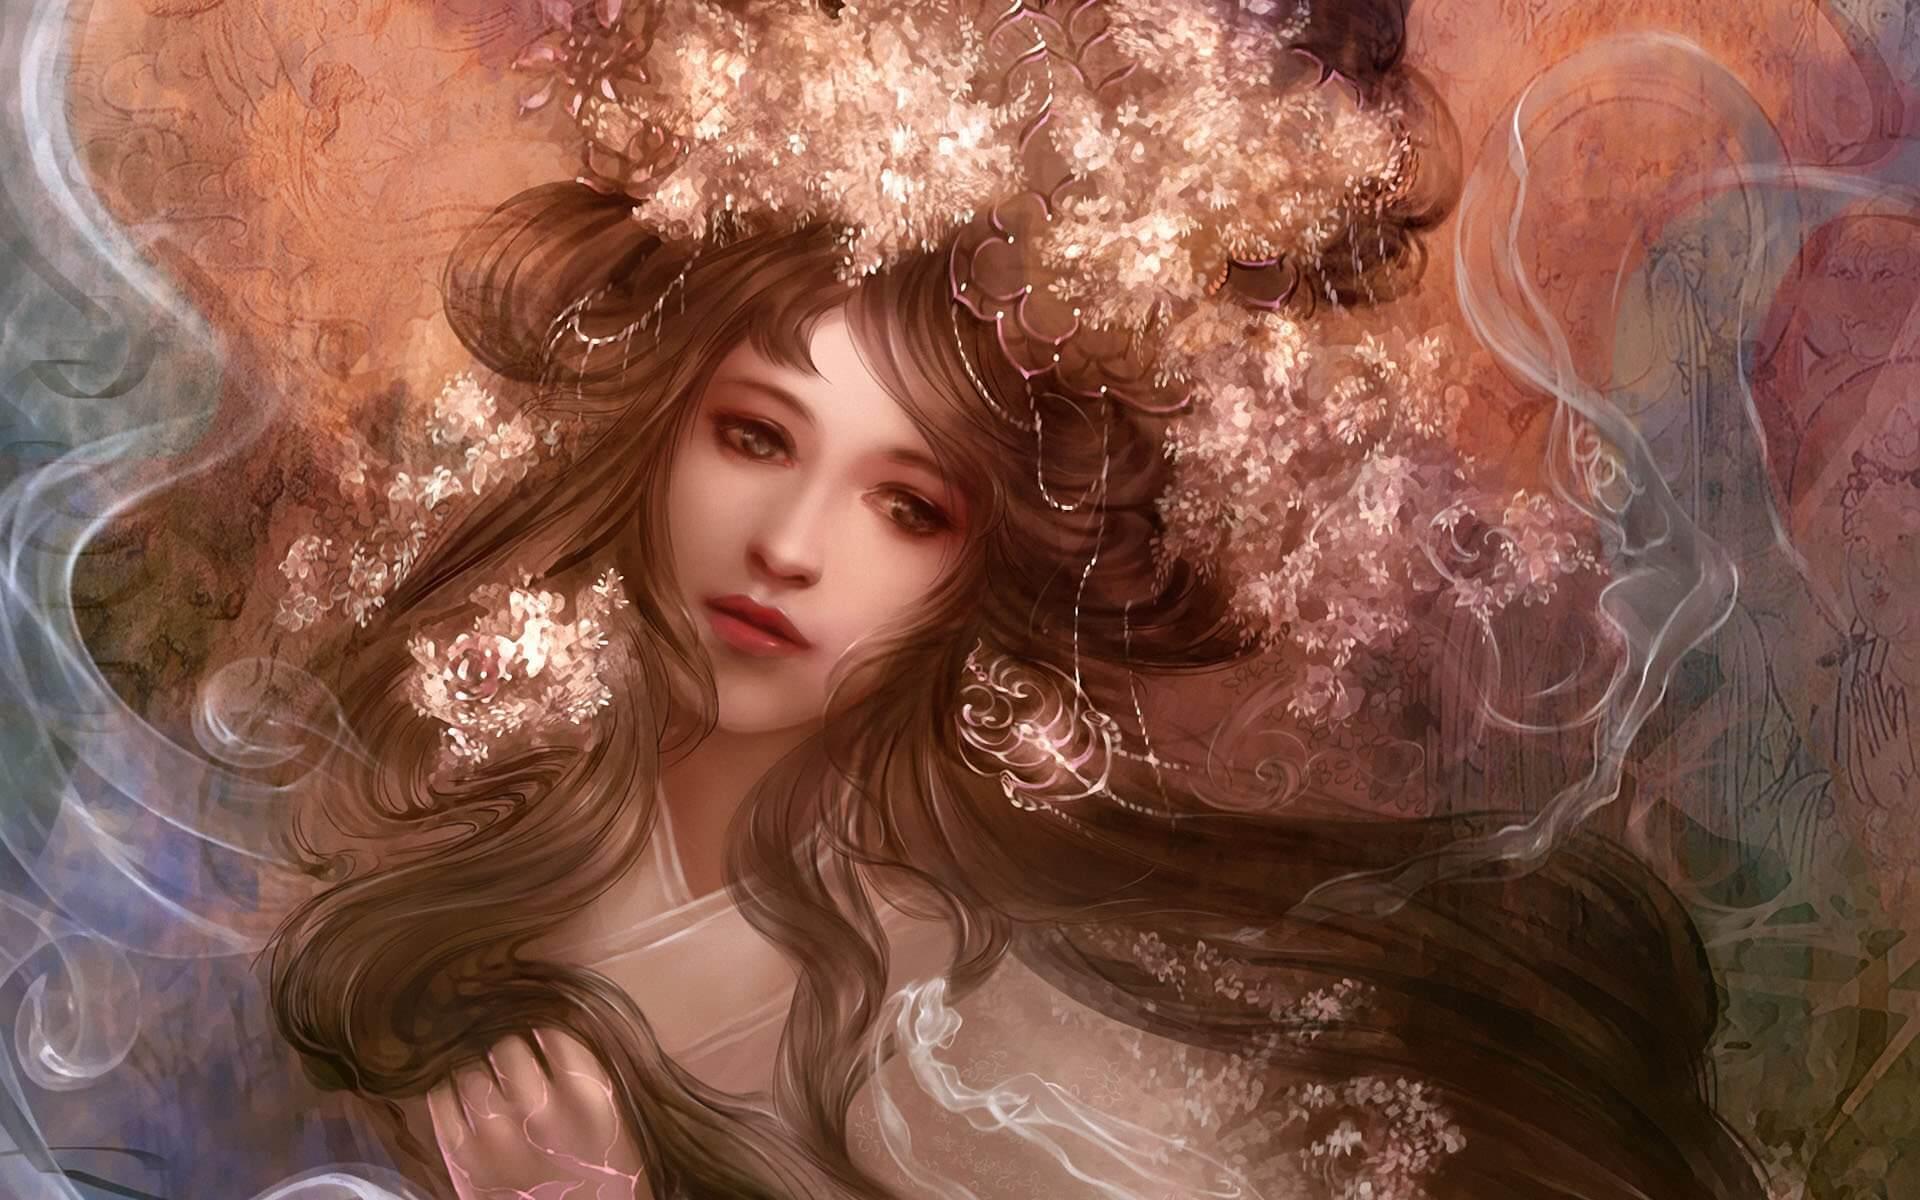 Картинки в стиле фэнтези девушки